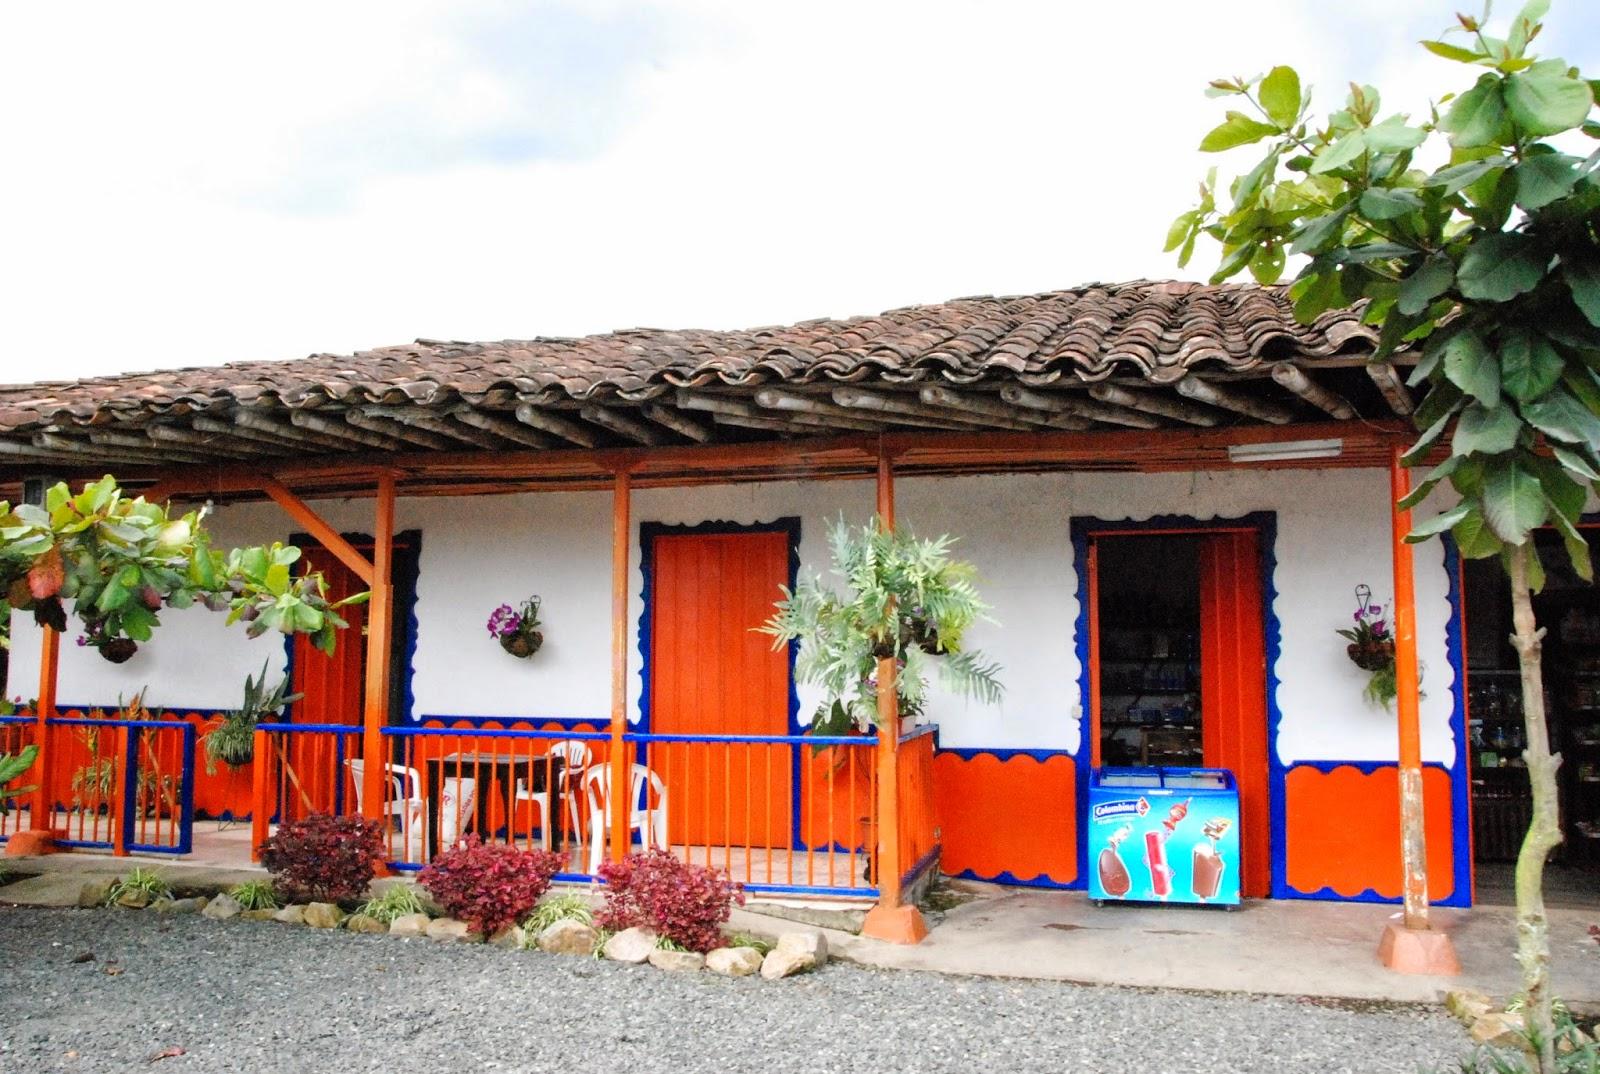 Sostenibilidad de javier neila el paisaje cultural cafetero - Tejas para casas de madera ...